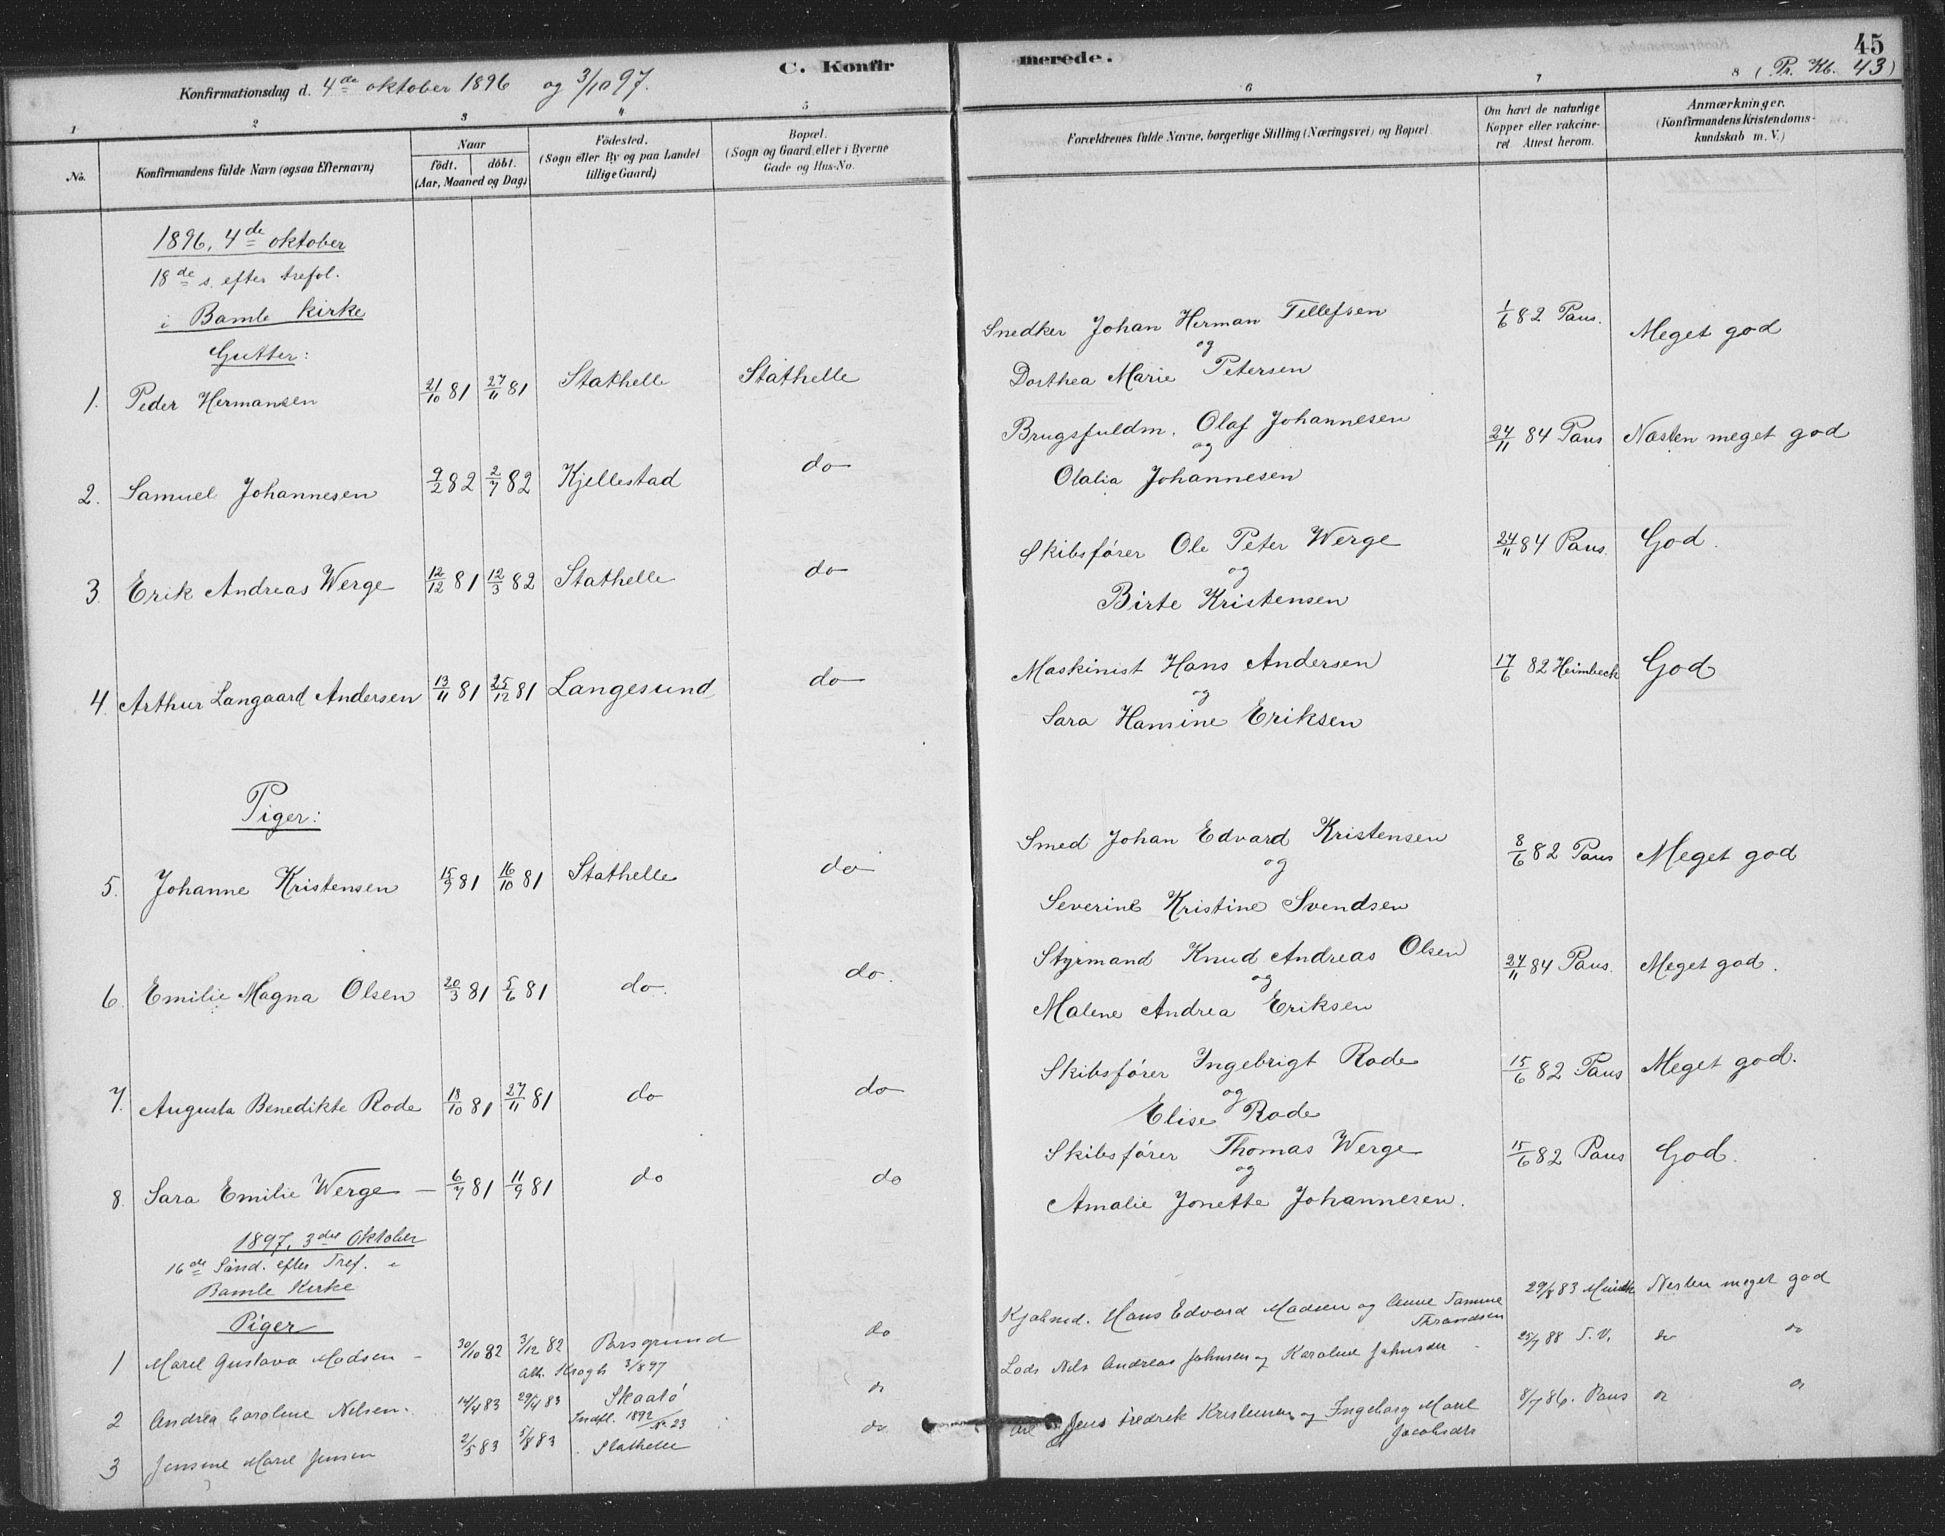 SAKO, Bamble kirkebøker, F/Fb/L0001: Ministerialbok nr. II 1, 1878-1899, s. 45